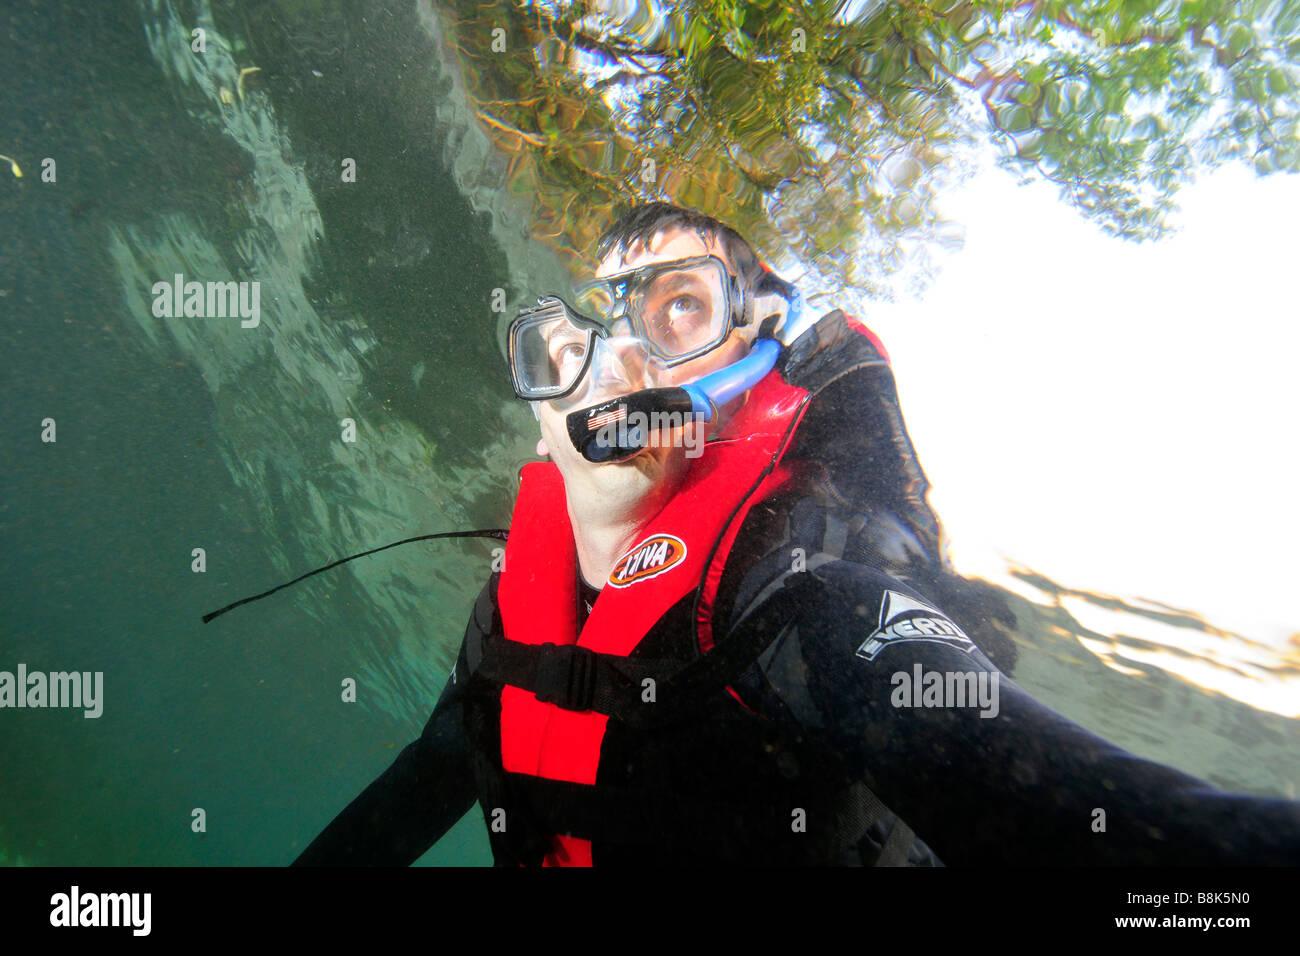 Diver at Aquario Natural Bonito Mato Grosso do Sul Brazil - Stock Image